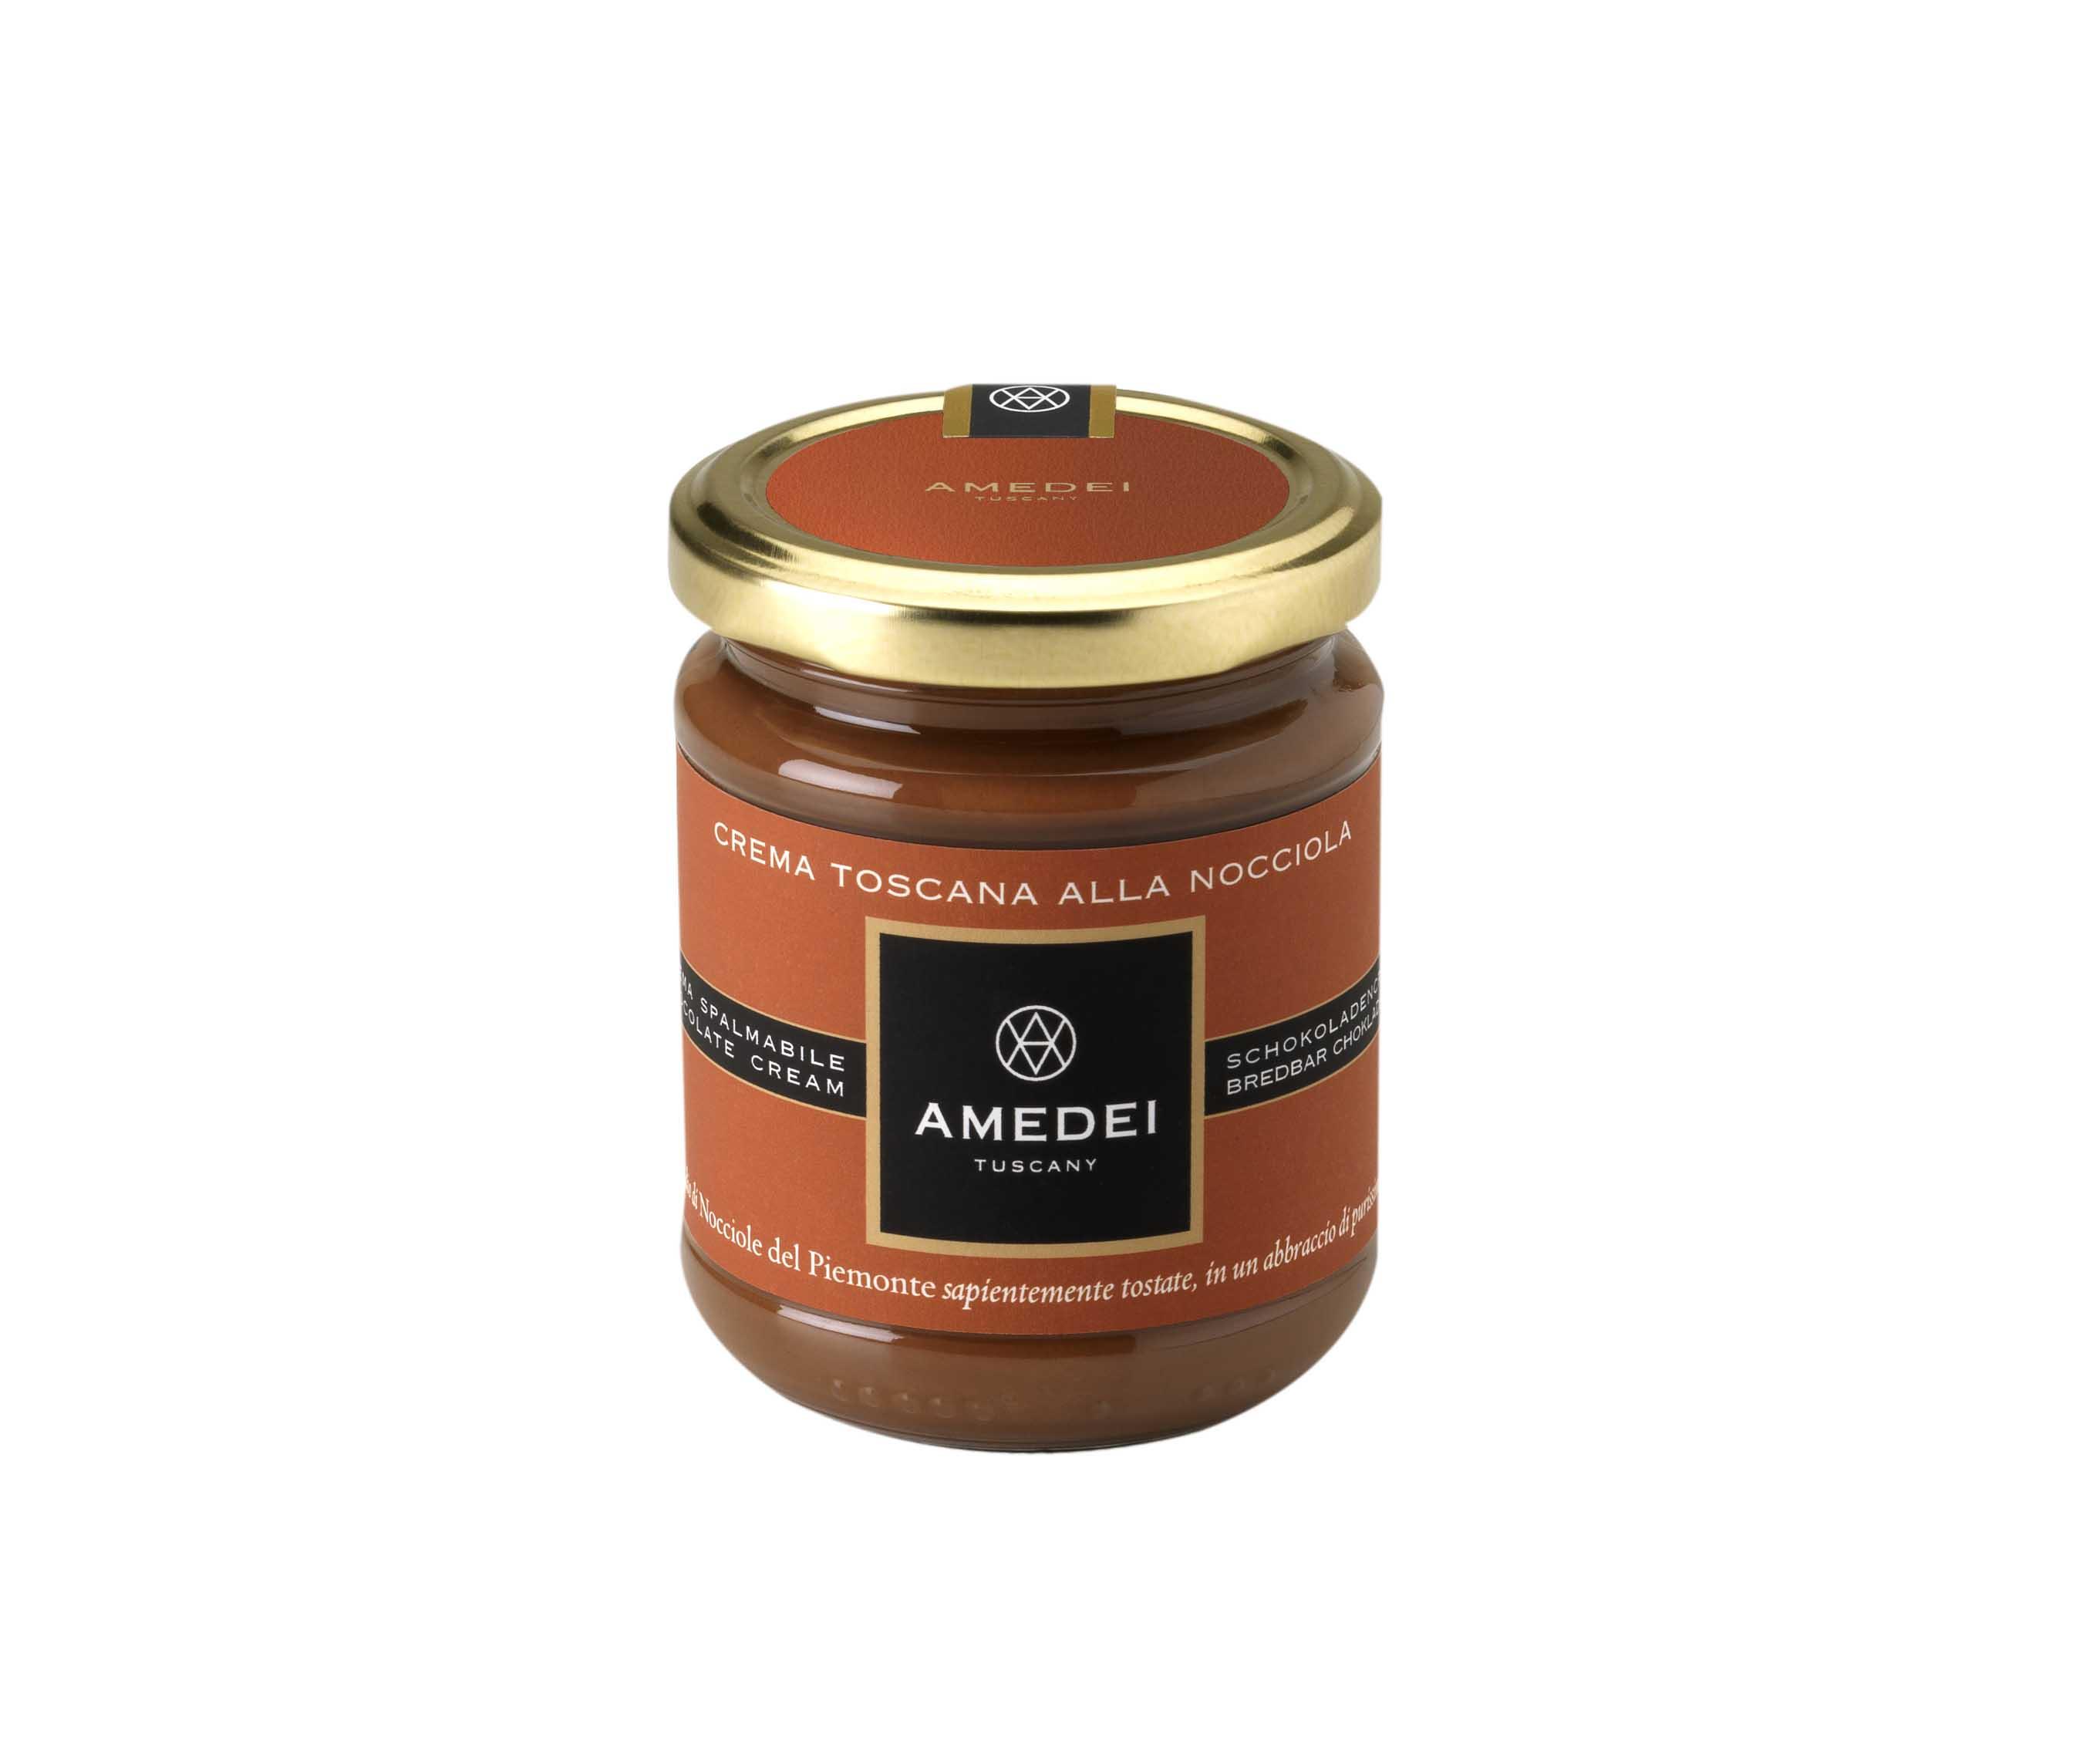 Amedei Hazelnut spread